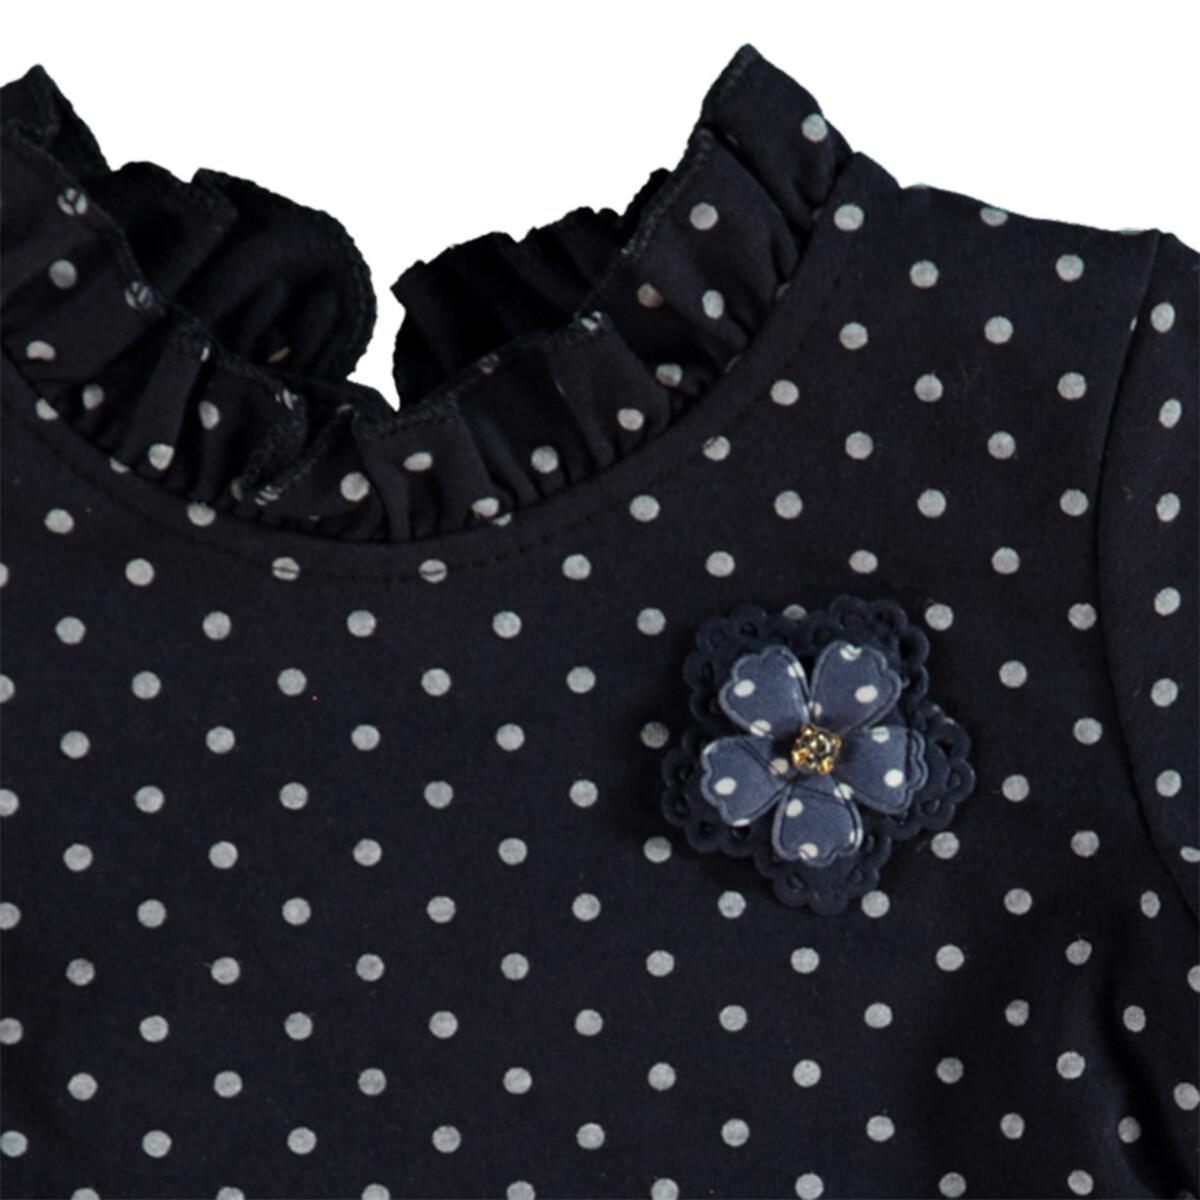 Bild 3 von Baby Kleidchen mit Punkte-Alloverprint